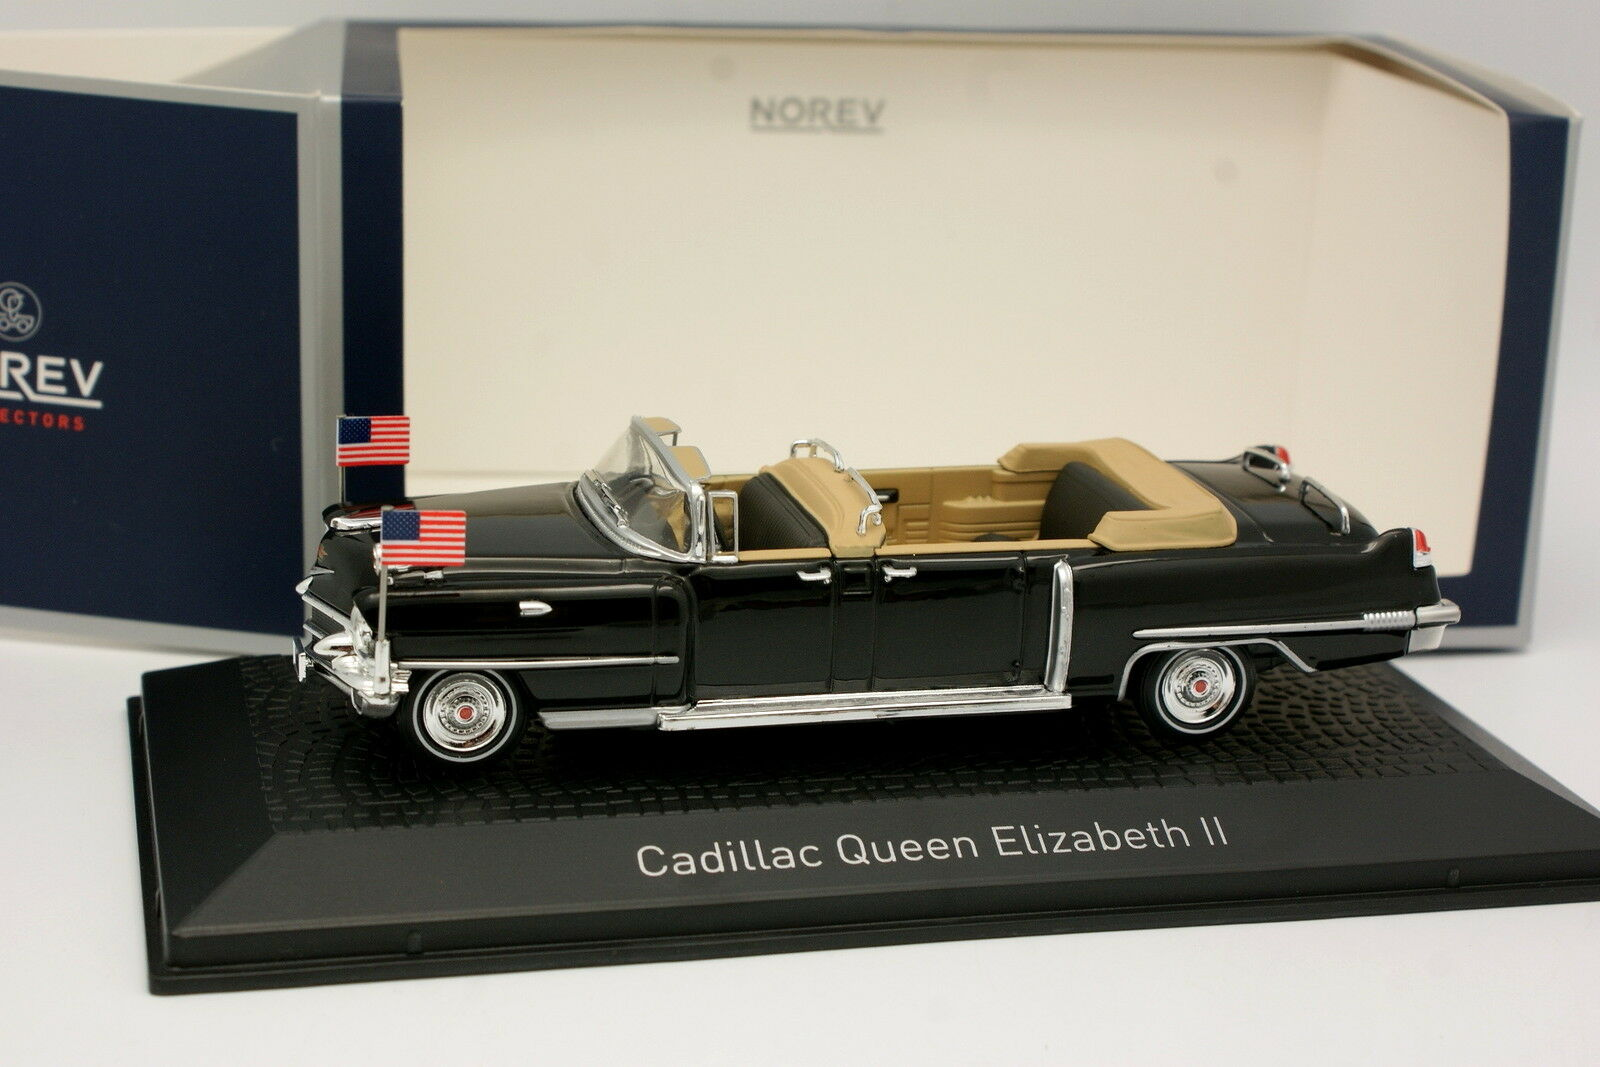 orden ahora con gran descuento y entrega gratuita Norev 1 43 - - - Cadillac Queen Elizabeth II 1956  ordenar ahora